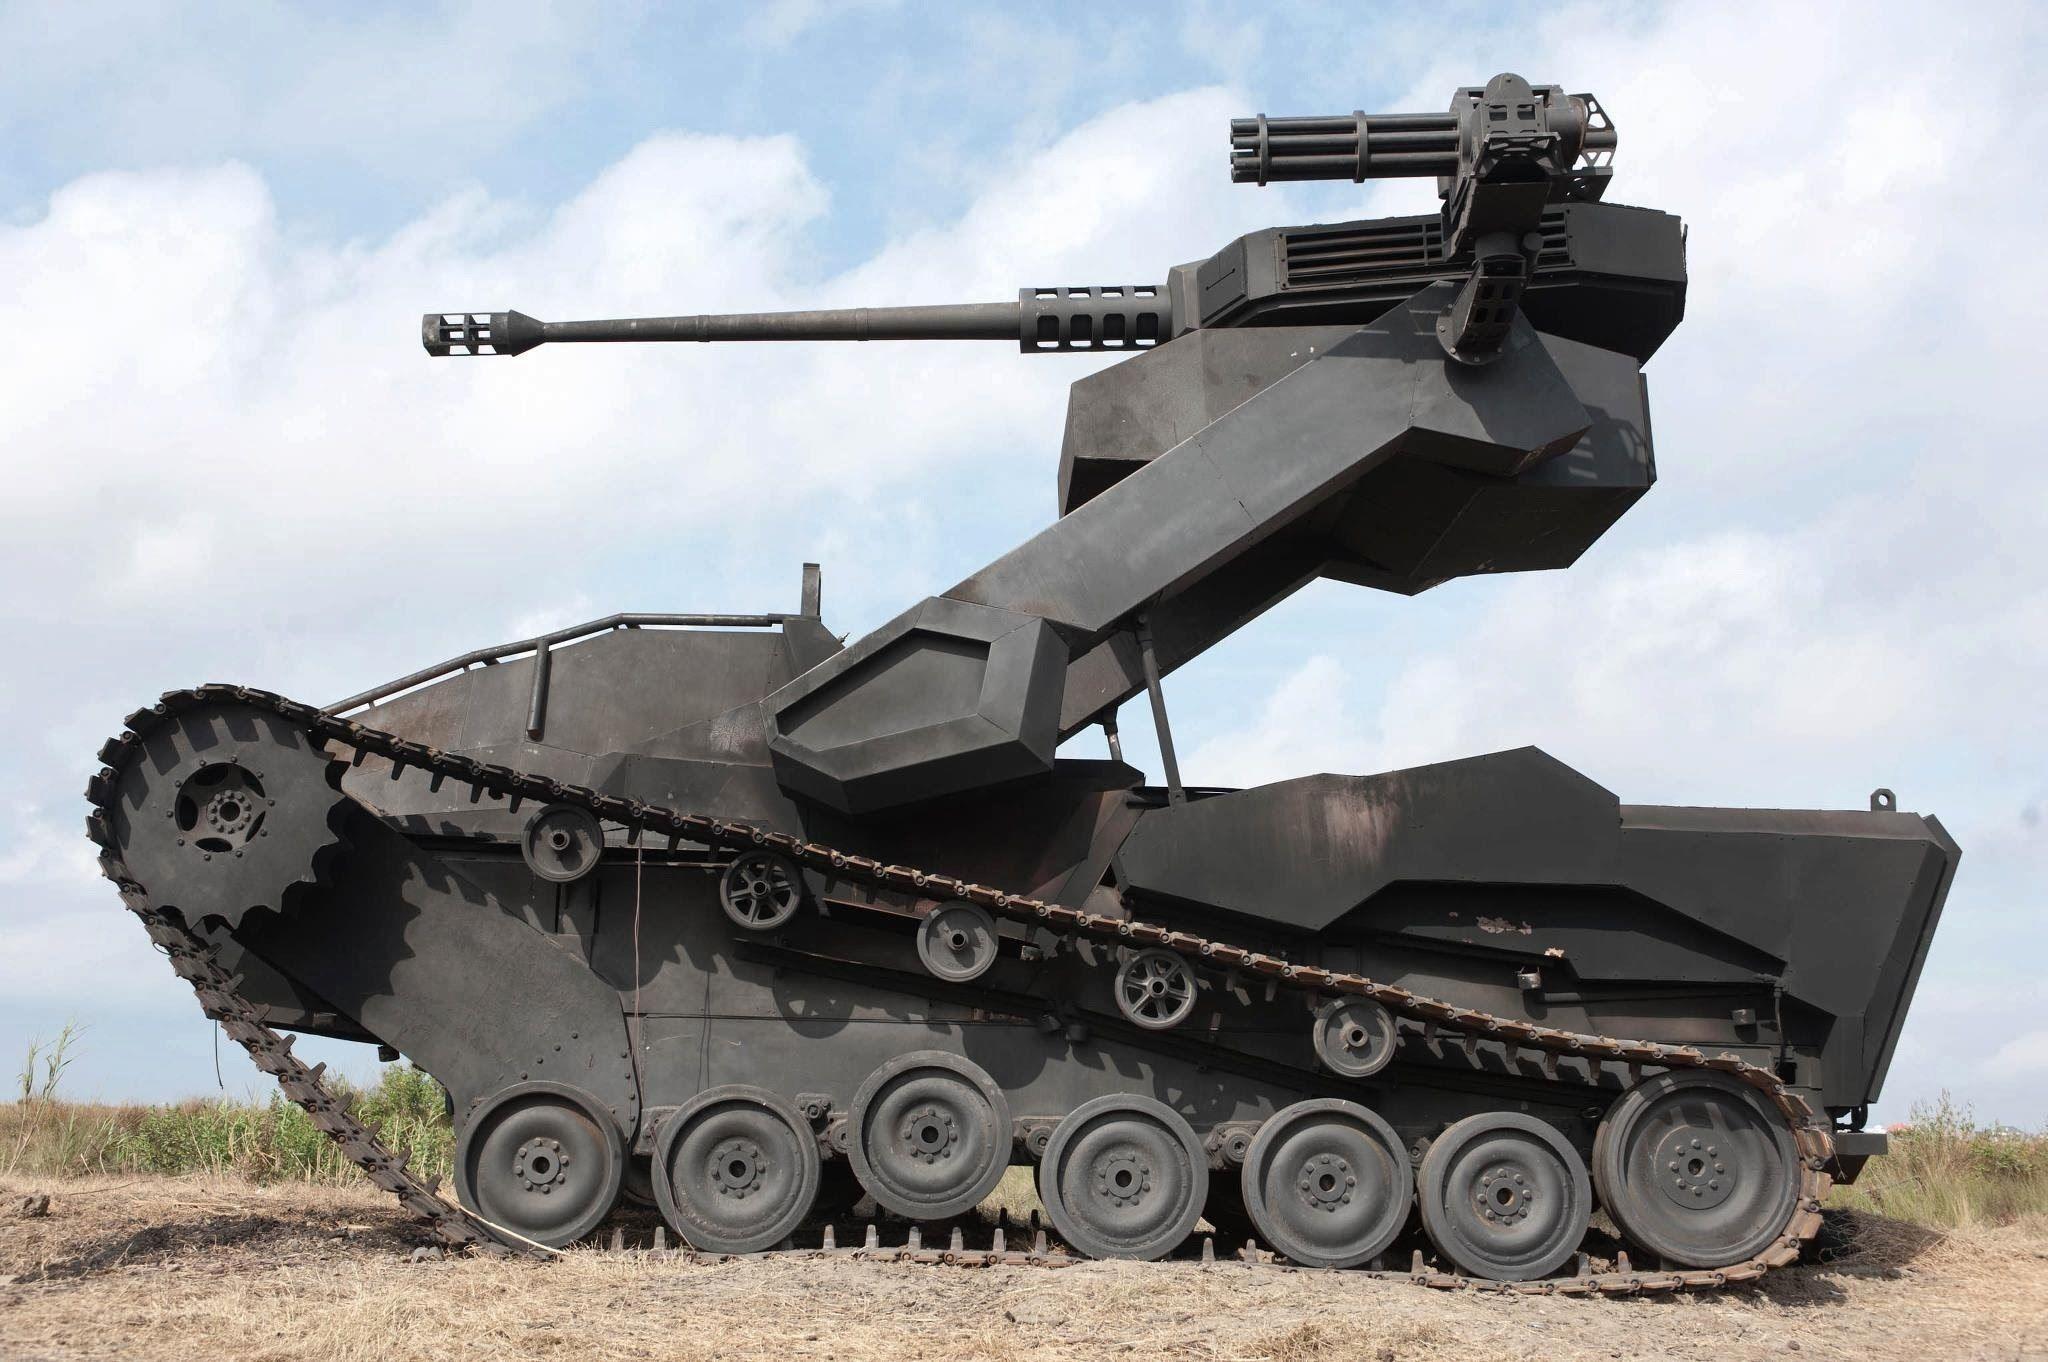 Фото военной техники вов с названиями сложные конструкции